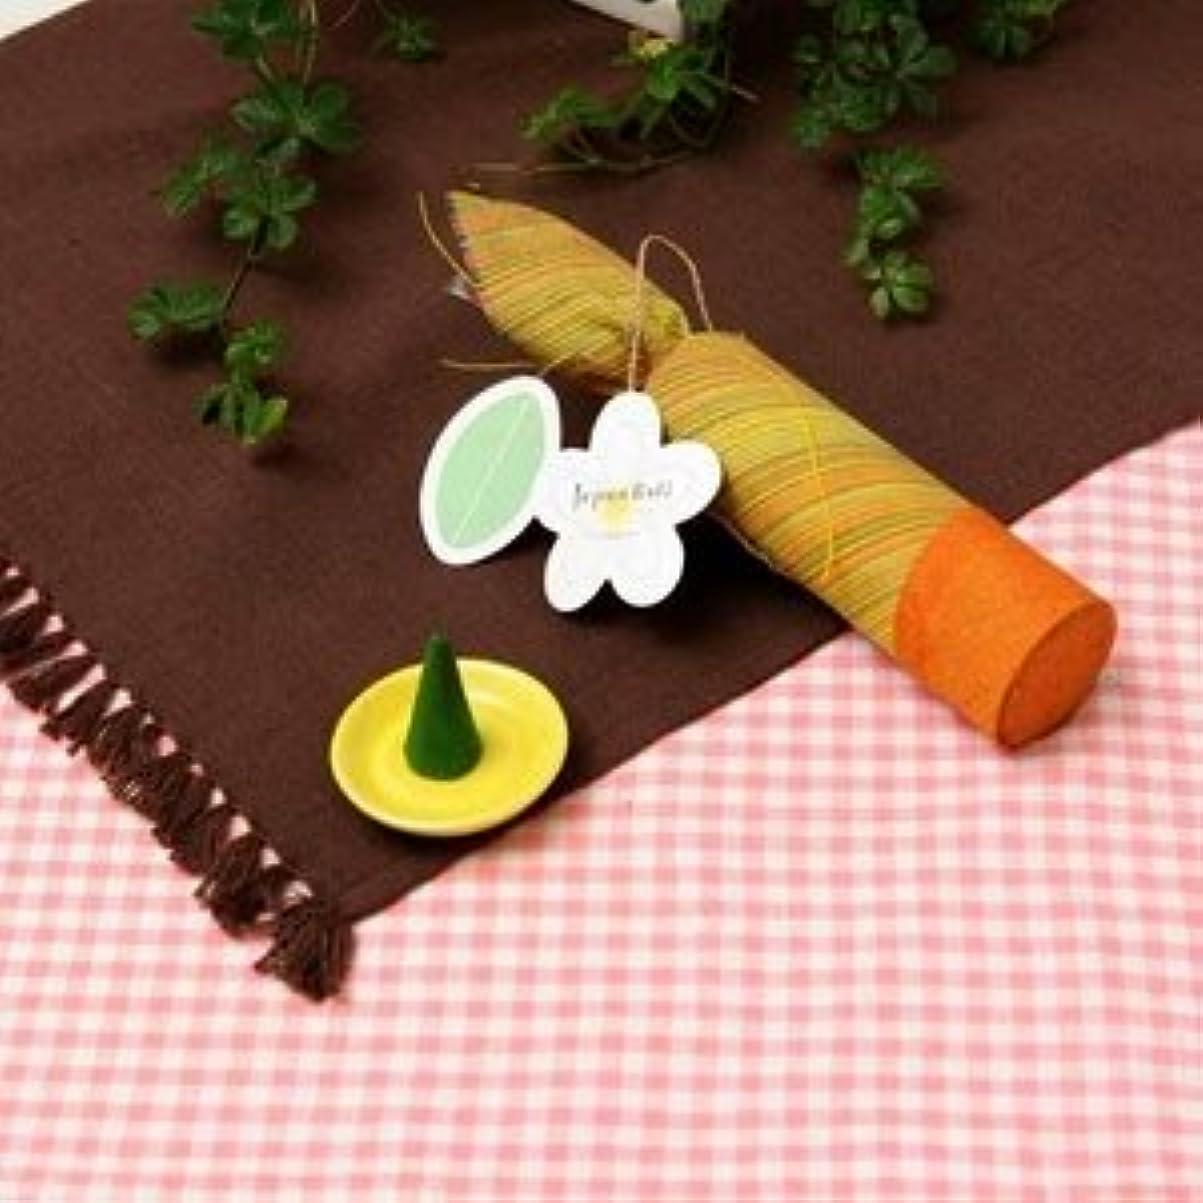 均等に傷つきやすい評価可能Jupen Bari(ジュプン バリ) フランジパニ(バリの儀式に無くてはならない信仰の花)